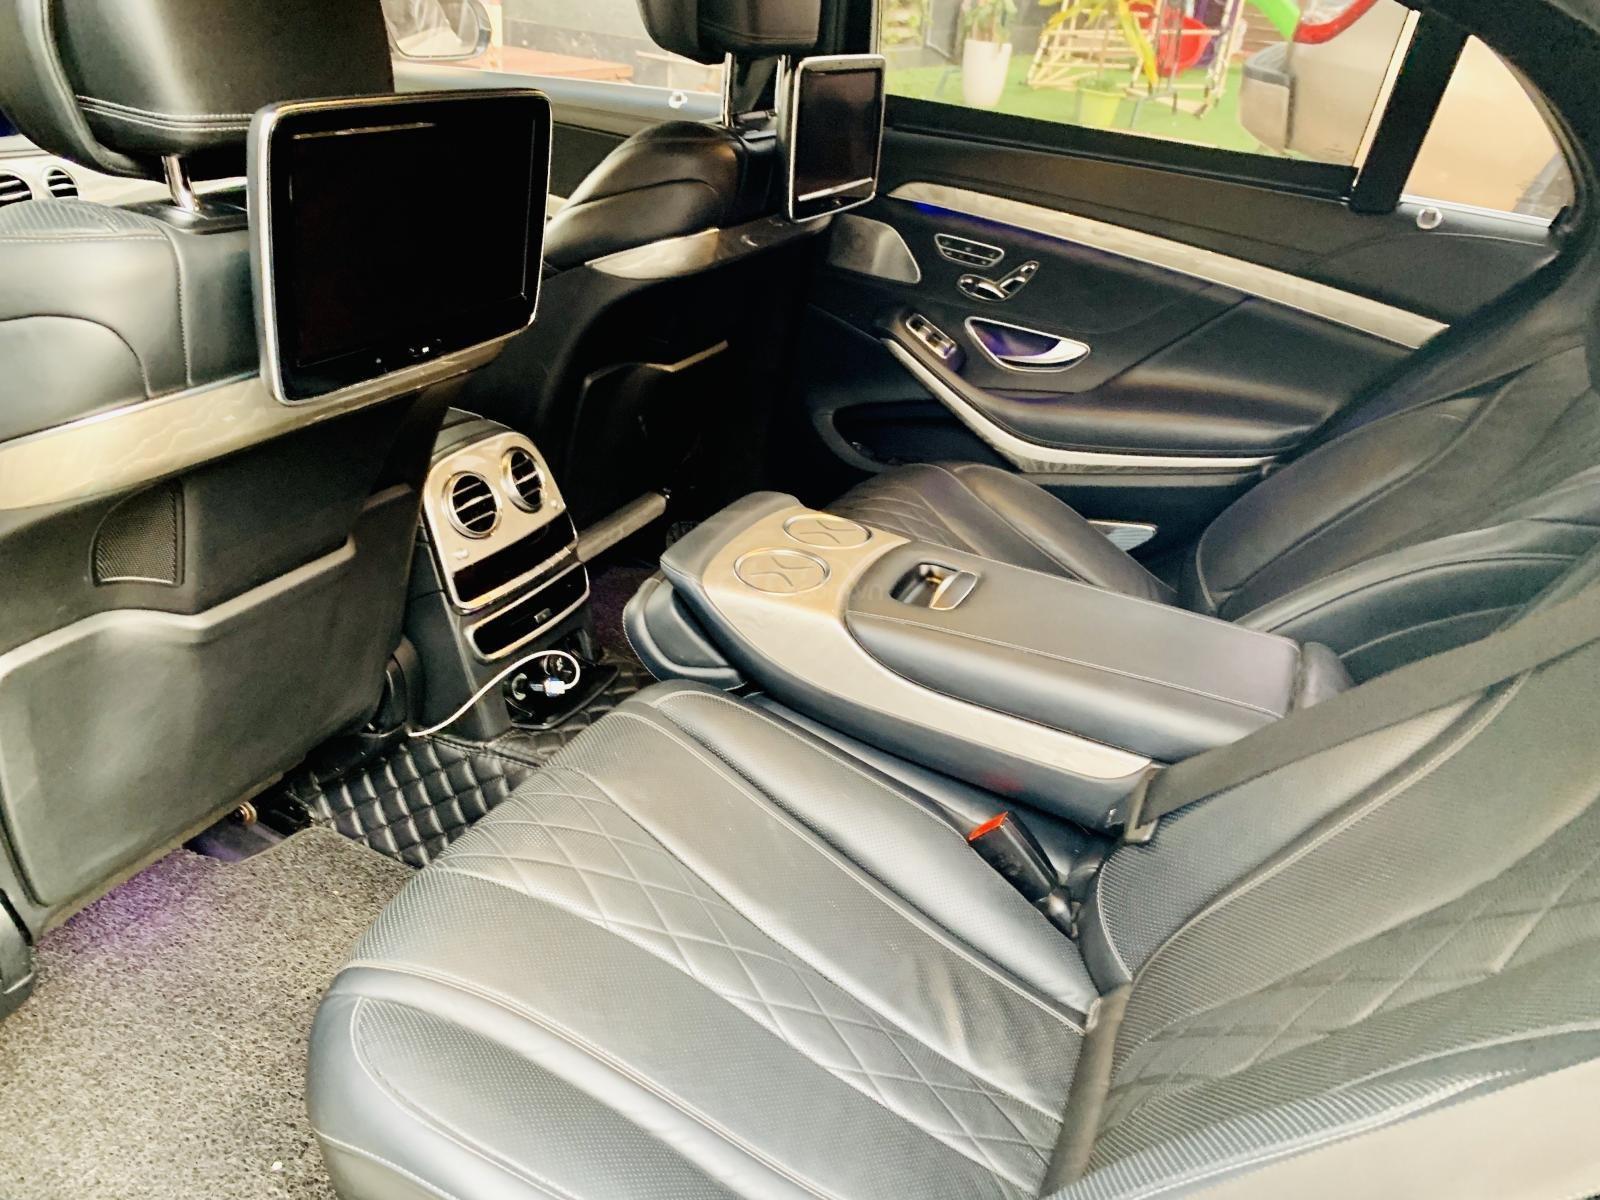 Gia đình thừa xe cần bán Mercedes-Benz S class S500 lên full Maybach 2015 đẹp như mới (7)